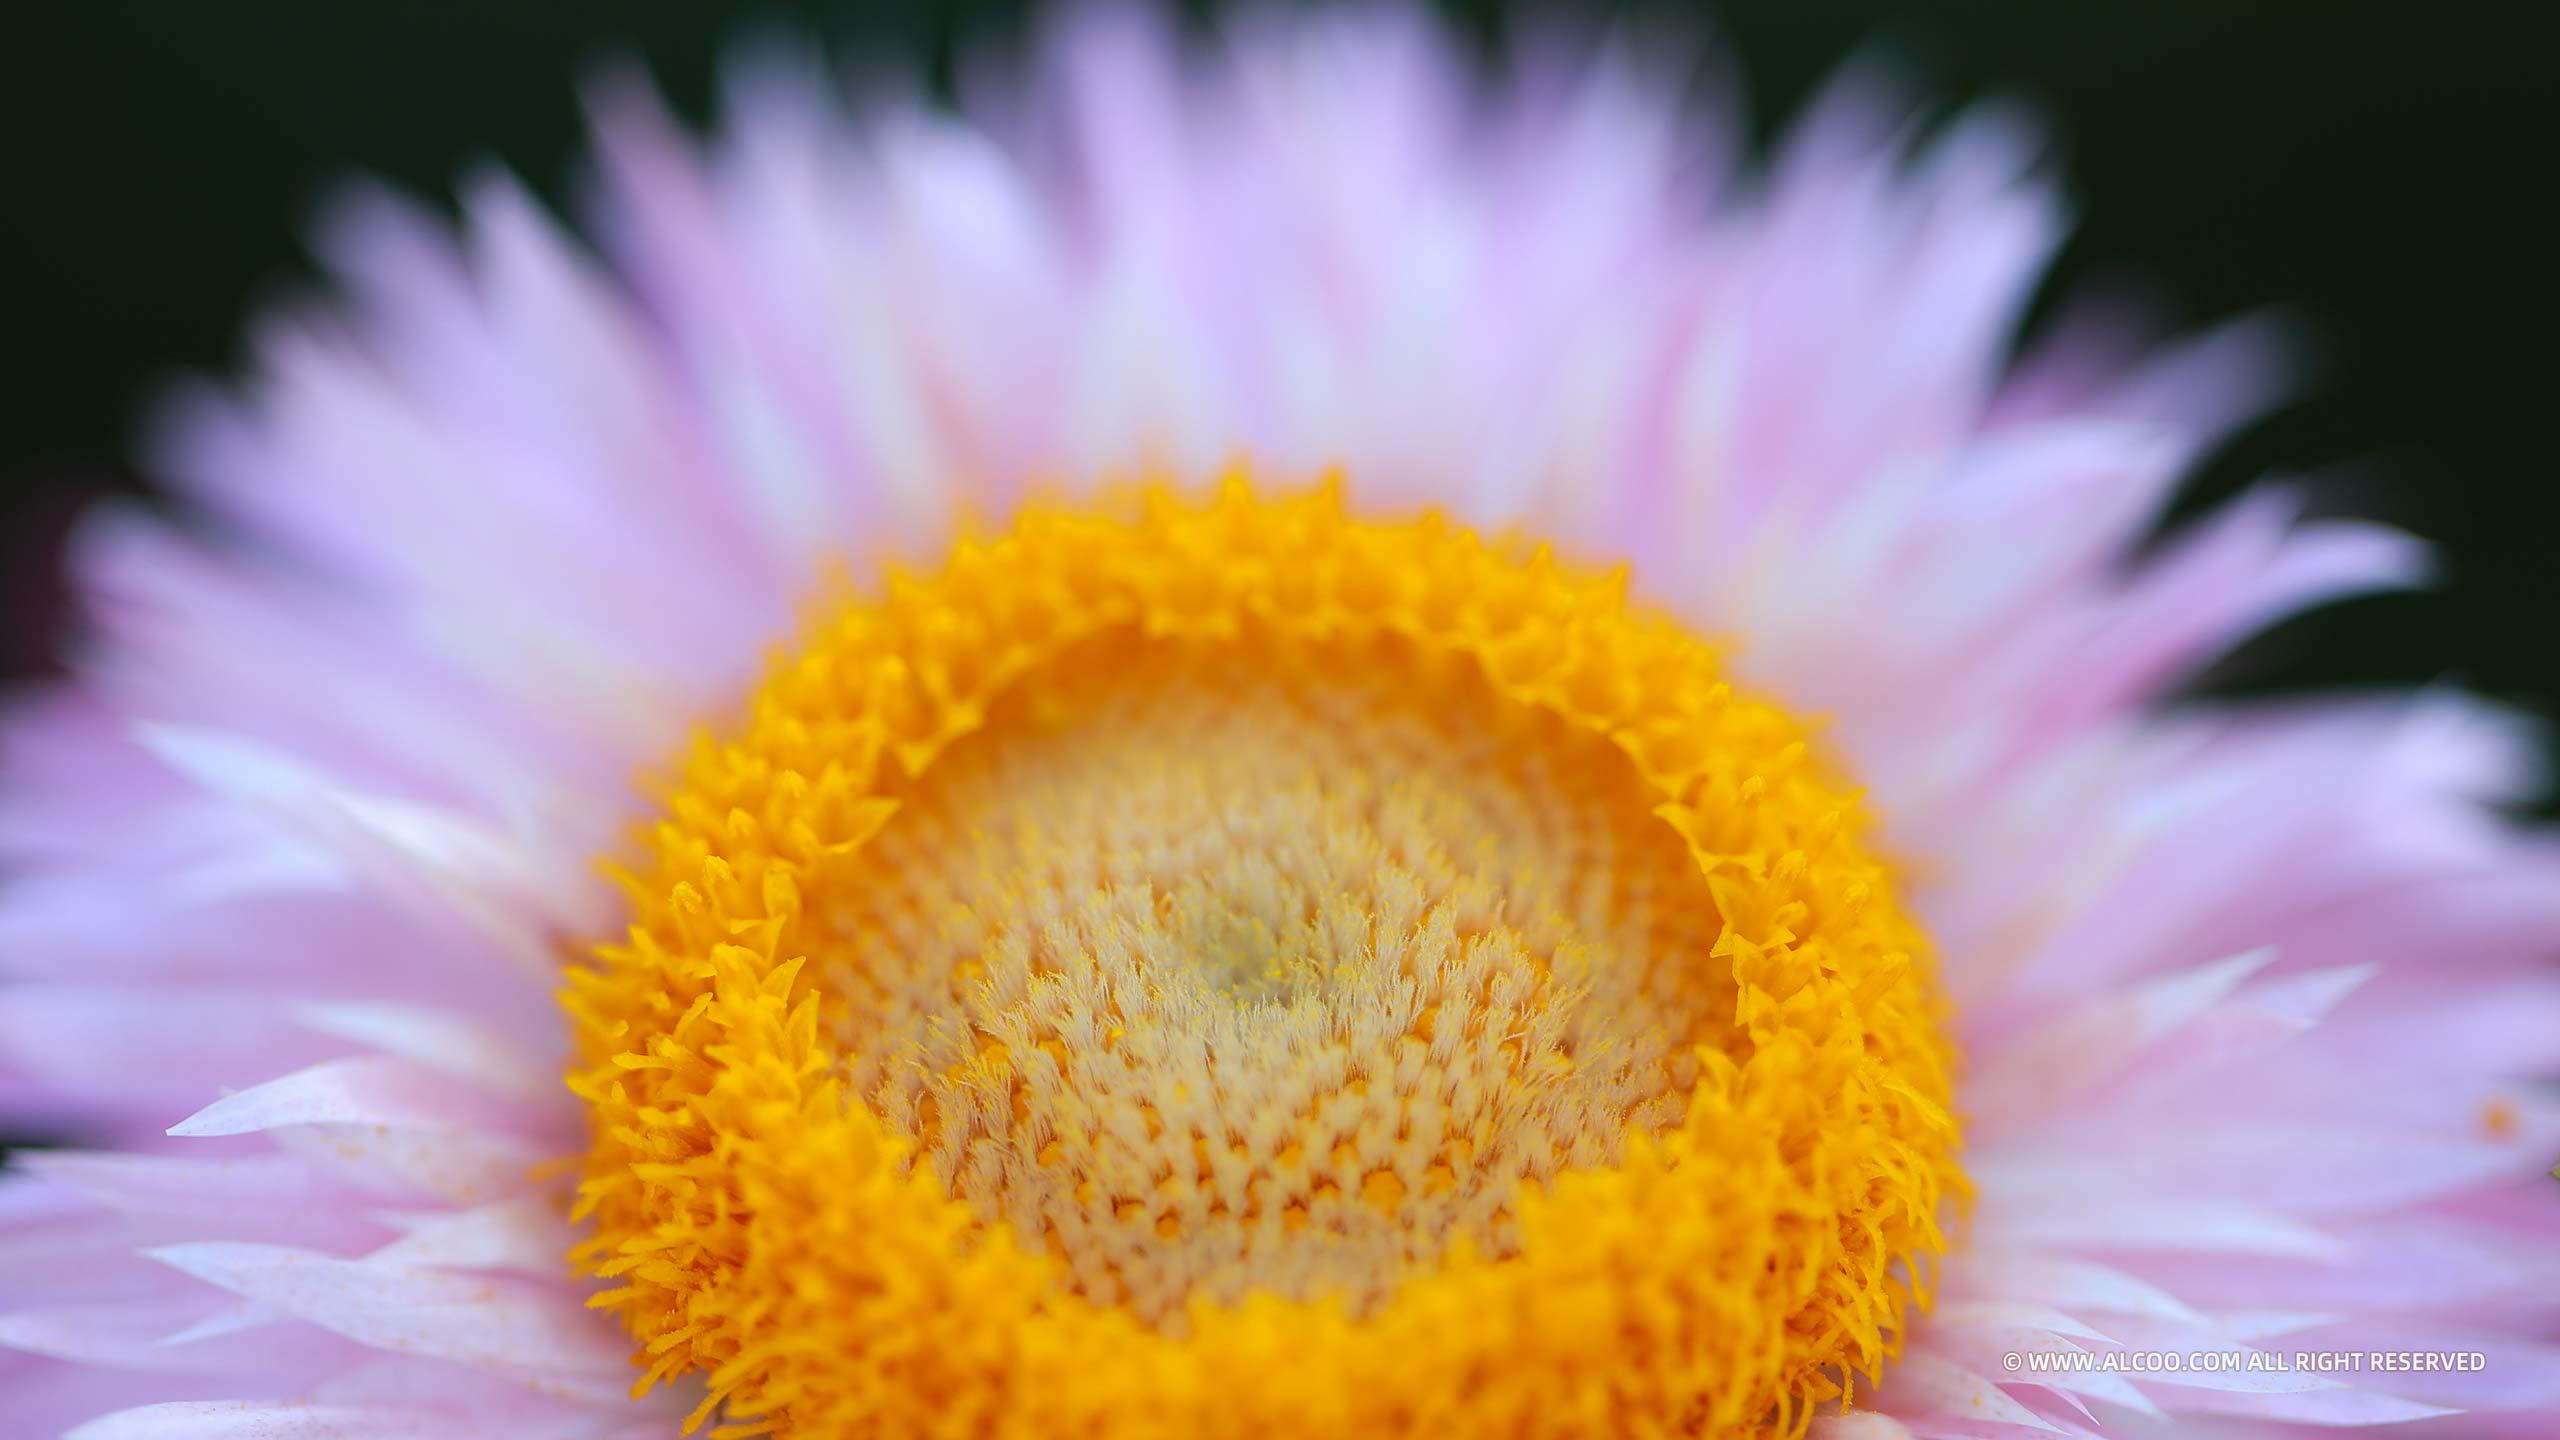 ALCOO;摄影;鲜花;甜蜜之花;alcoo.com;花心;蜜蜂;蝴蝶;蜂鸟蛾;菊花;昆虫;蝶恋花;采蜜;授粉;美图